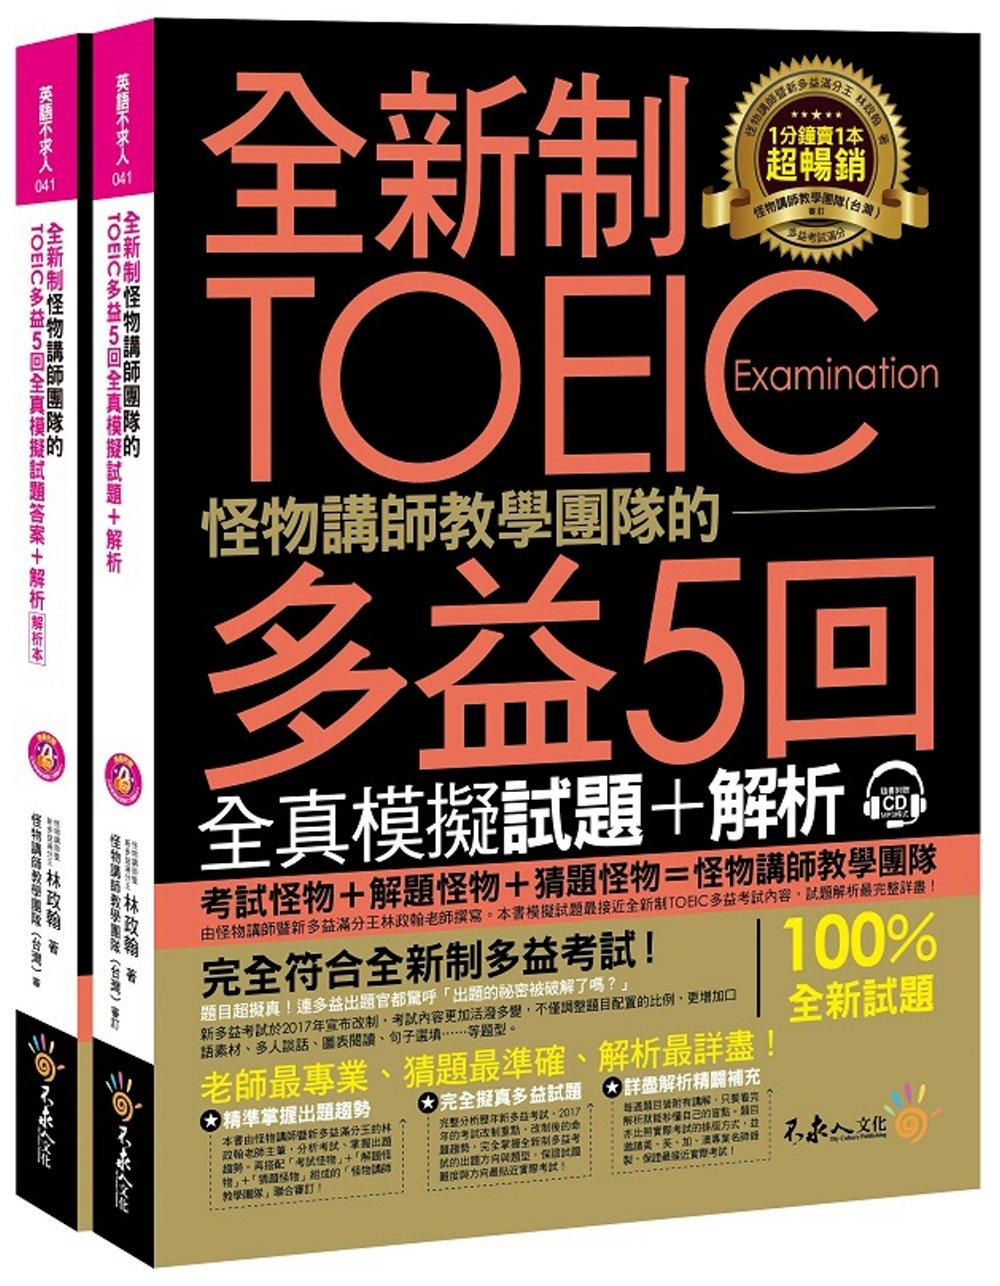 「全新制怪物講師教學團隊的TOEIC多益5回全真模擬試題+解析」的圖片搜尋結果